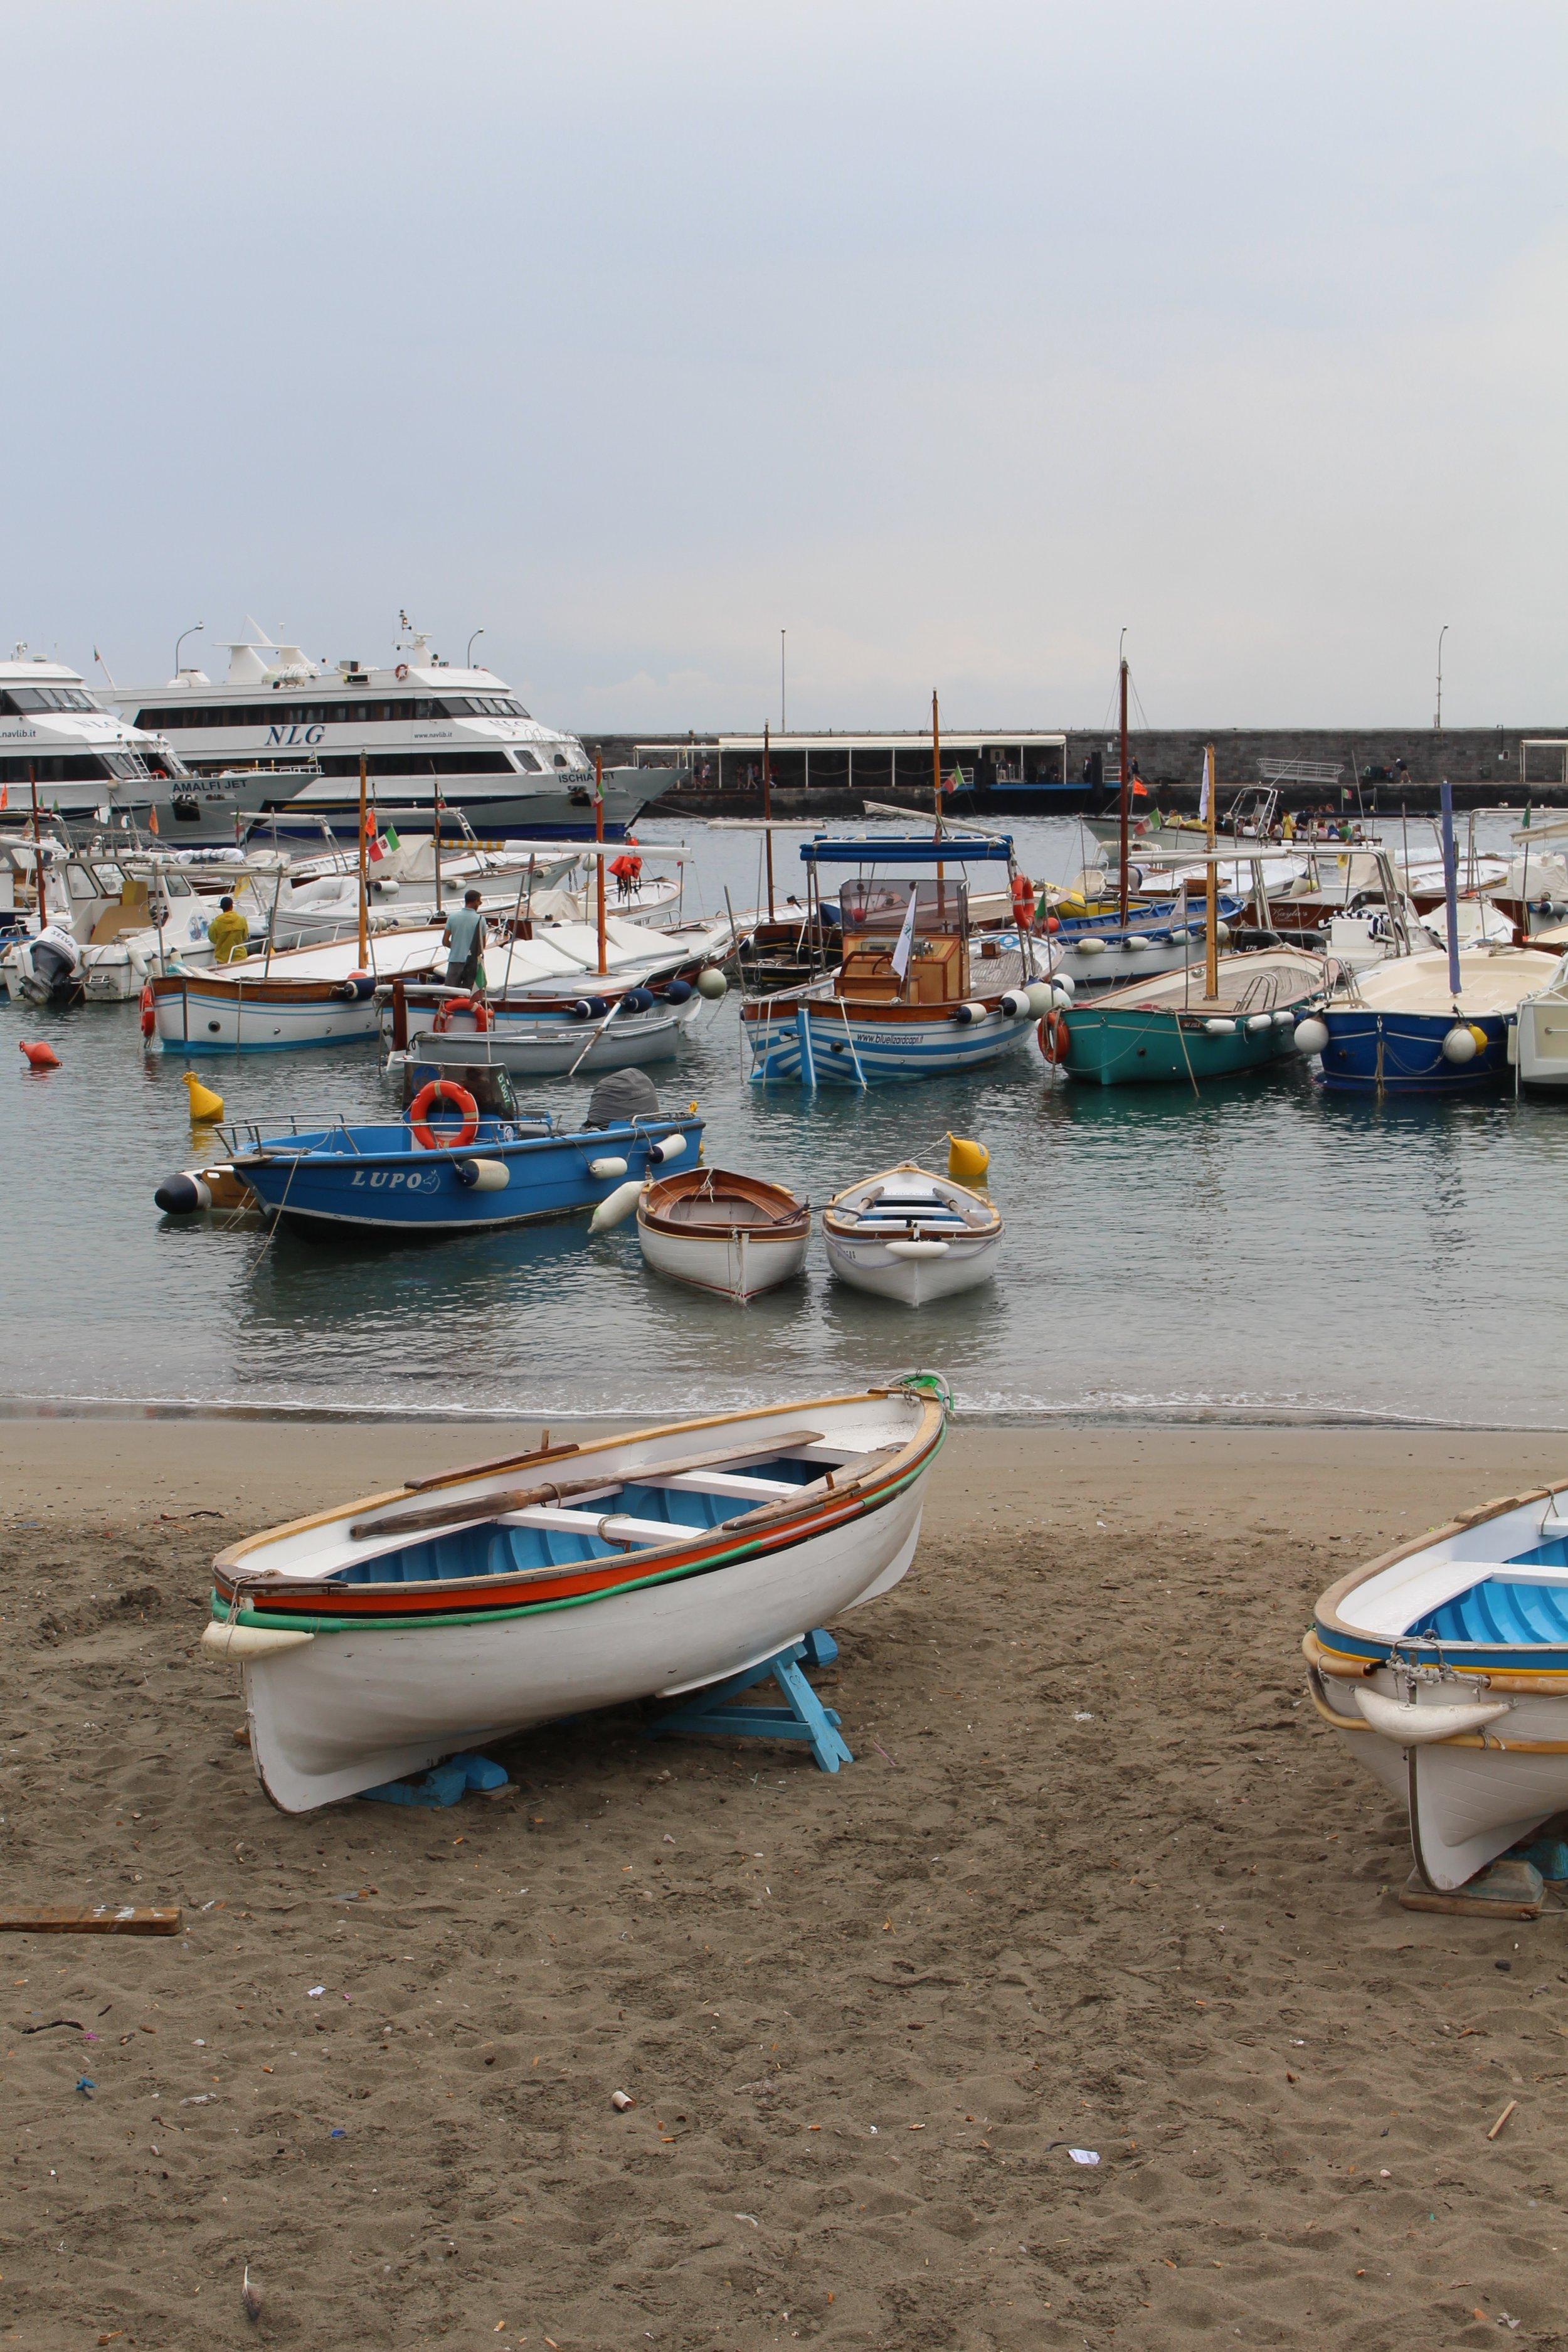 The Marina in Capri, Italy